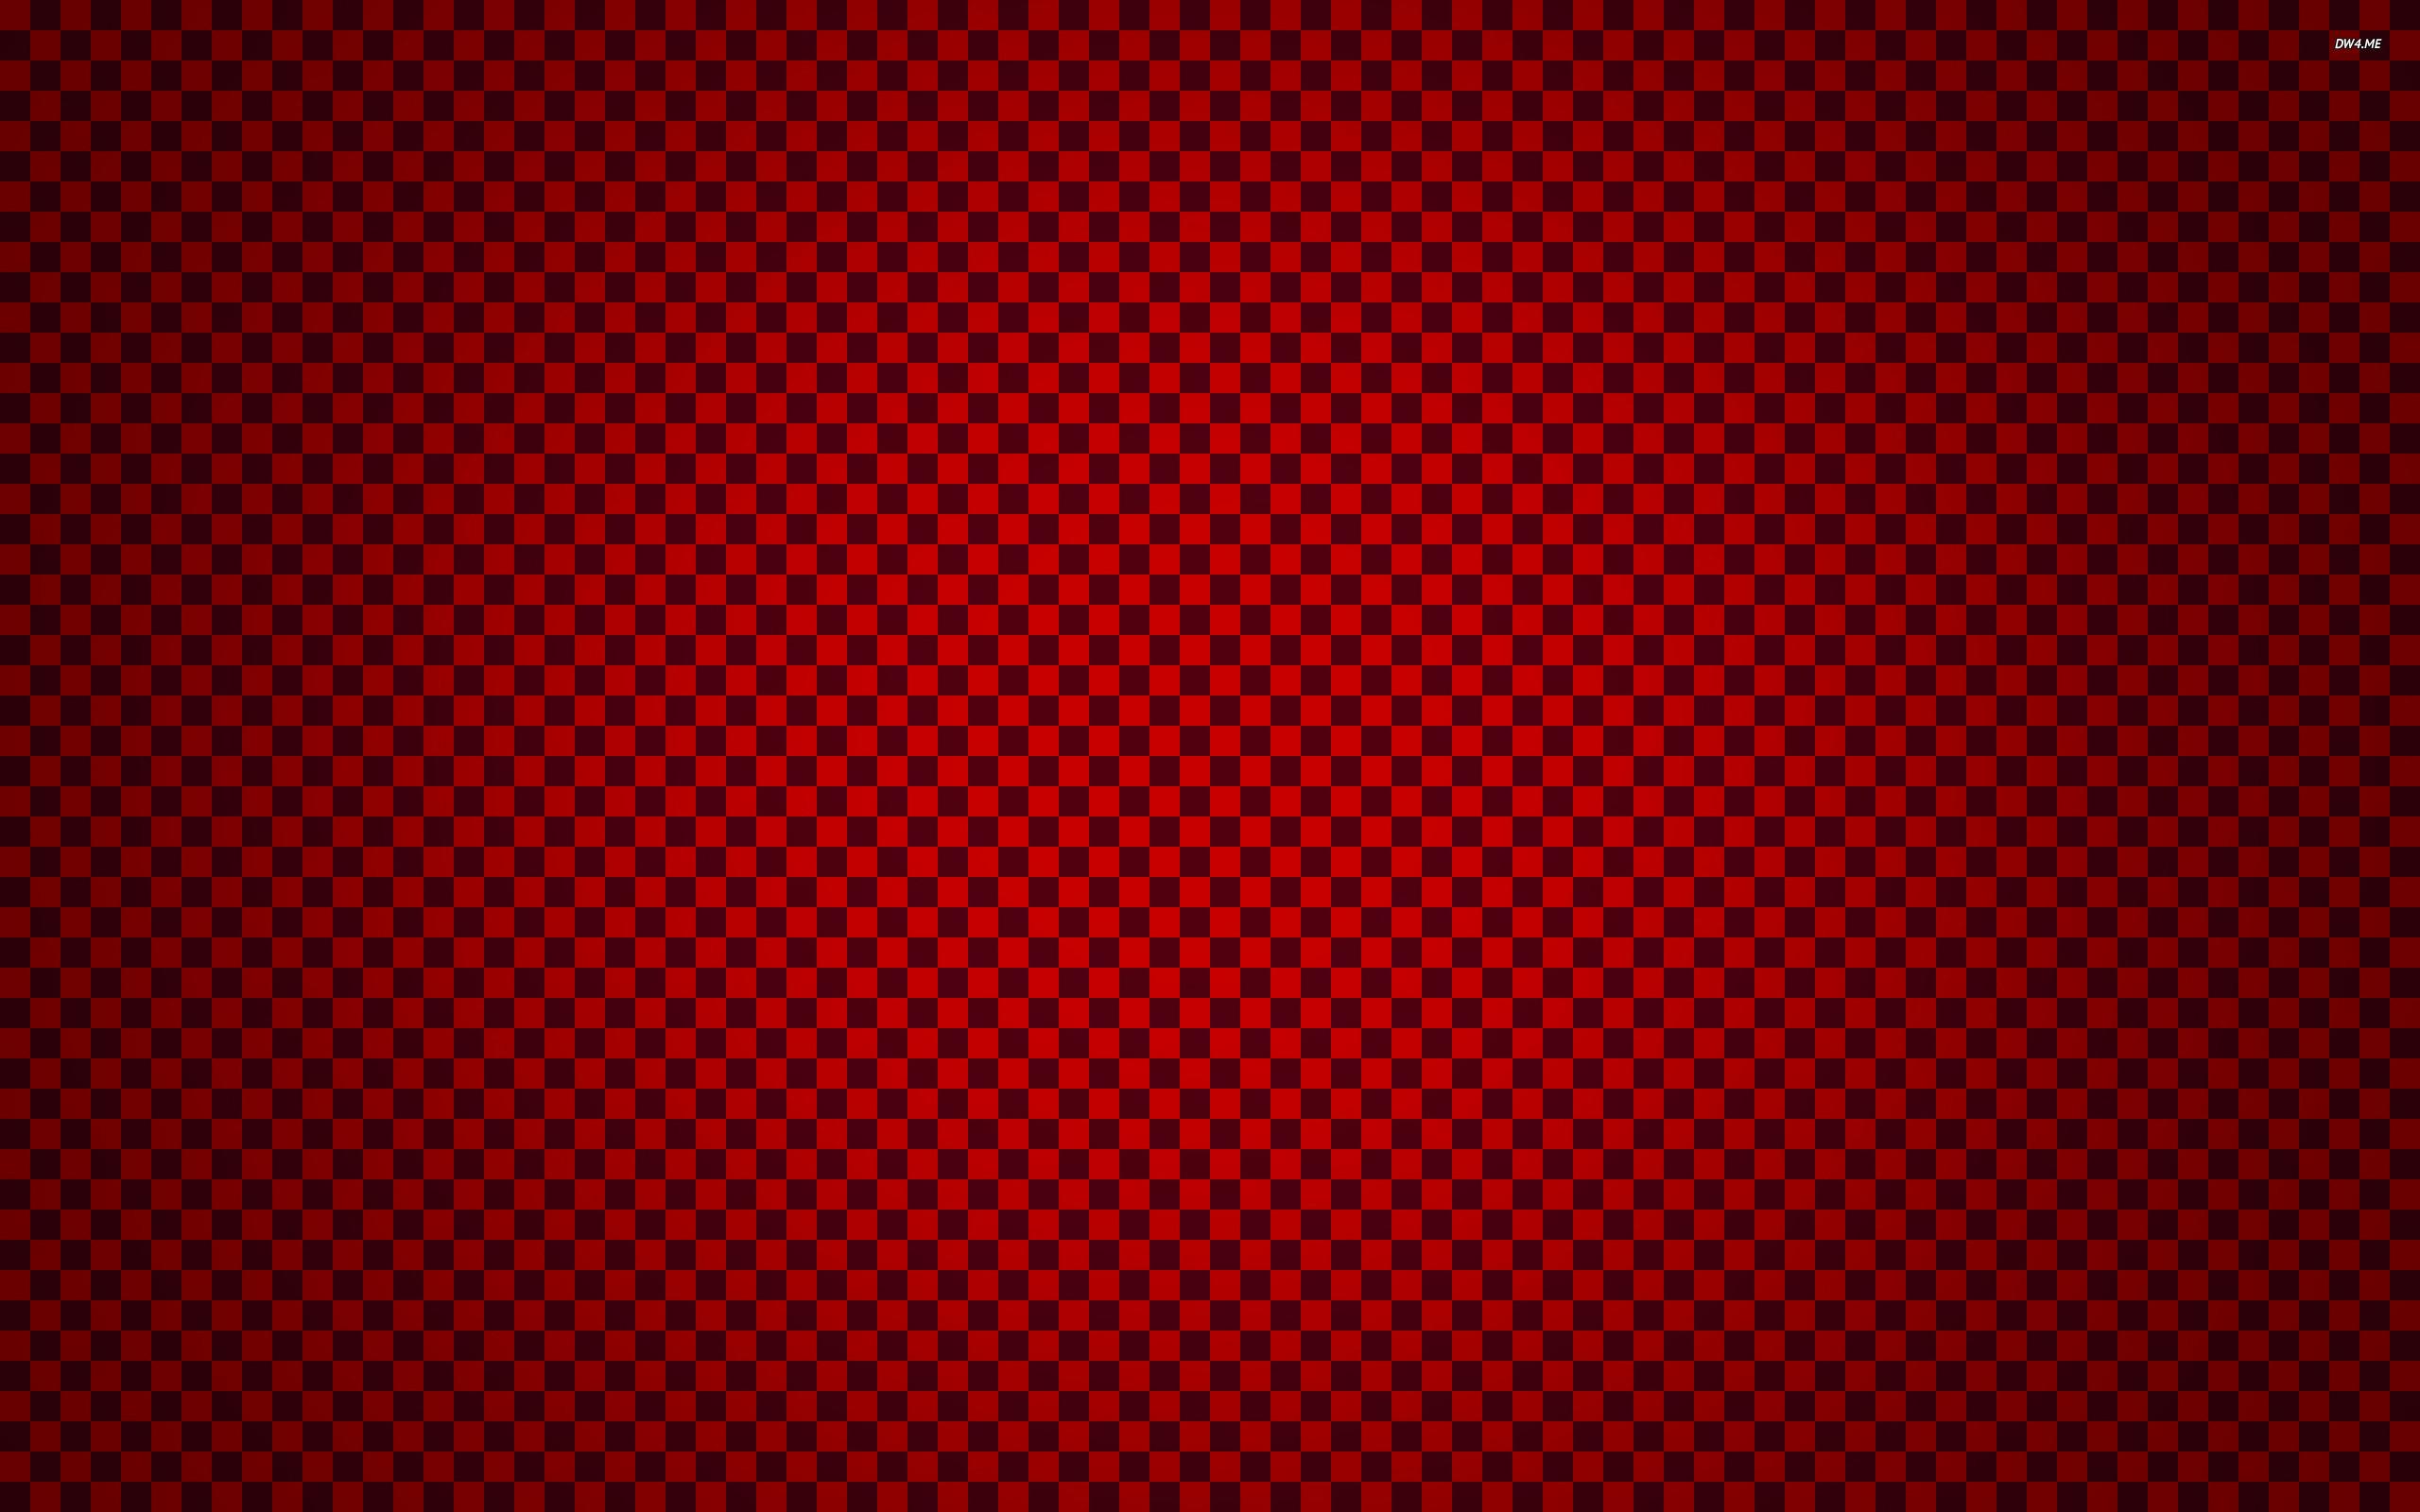 Red Carbon Fiber Wallpaper